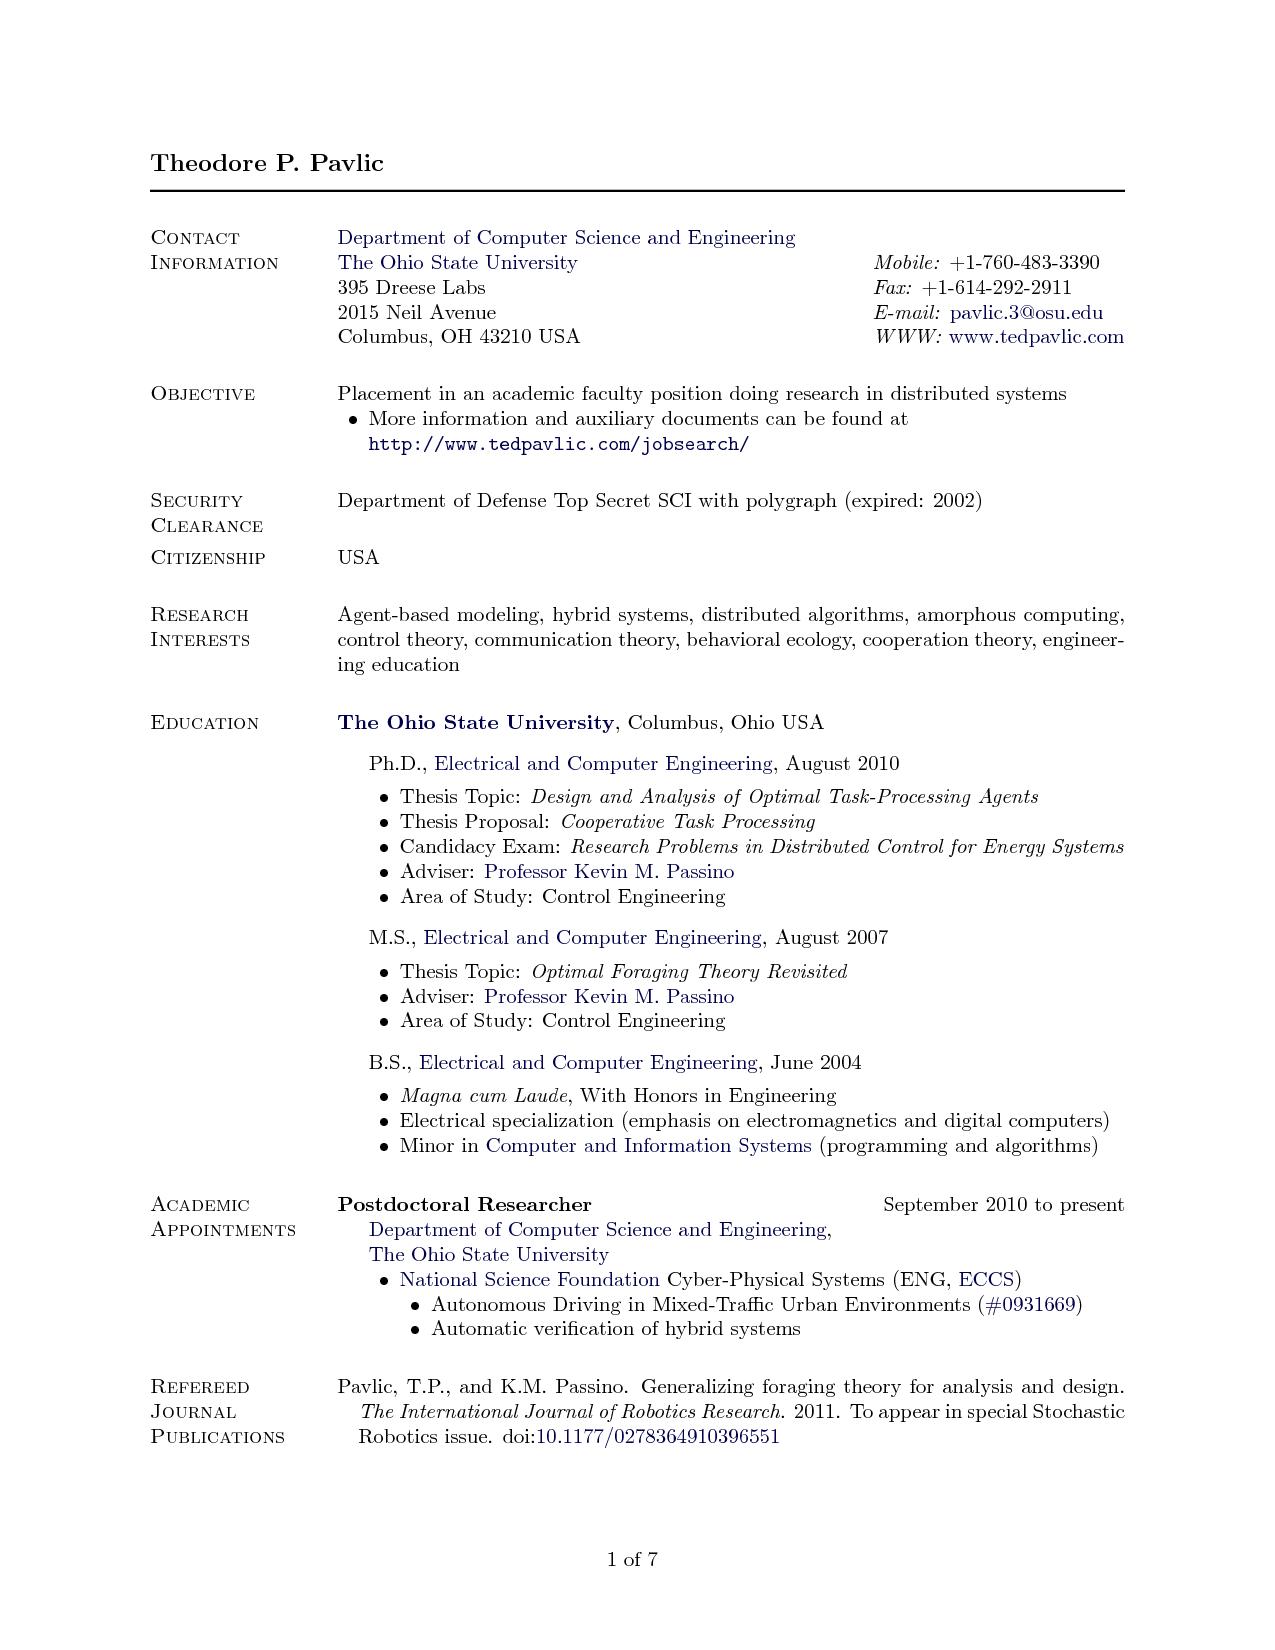 latex resume margins